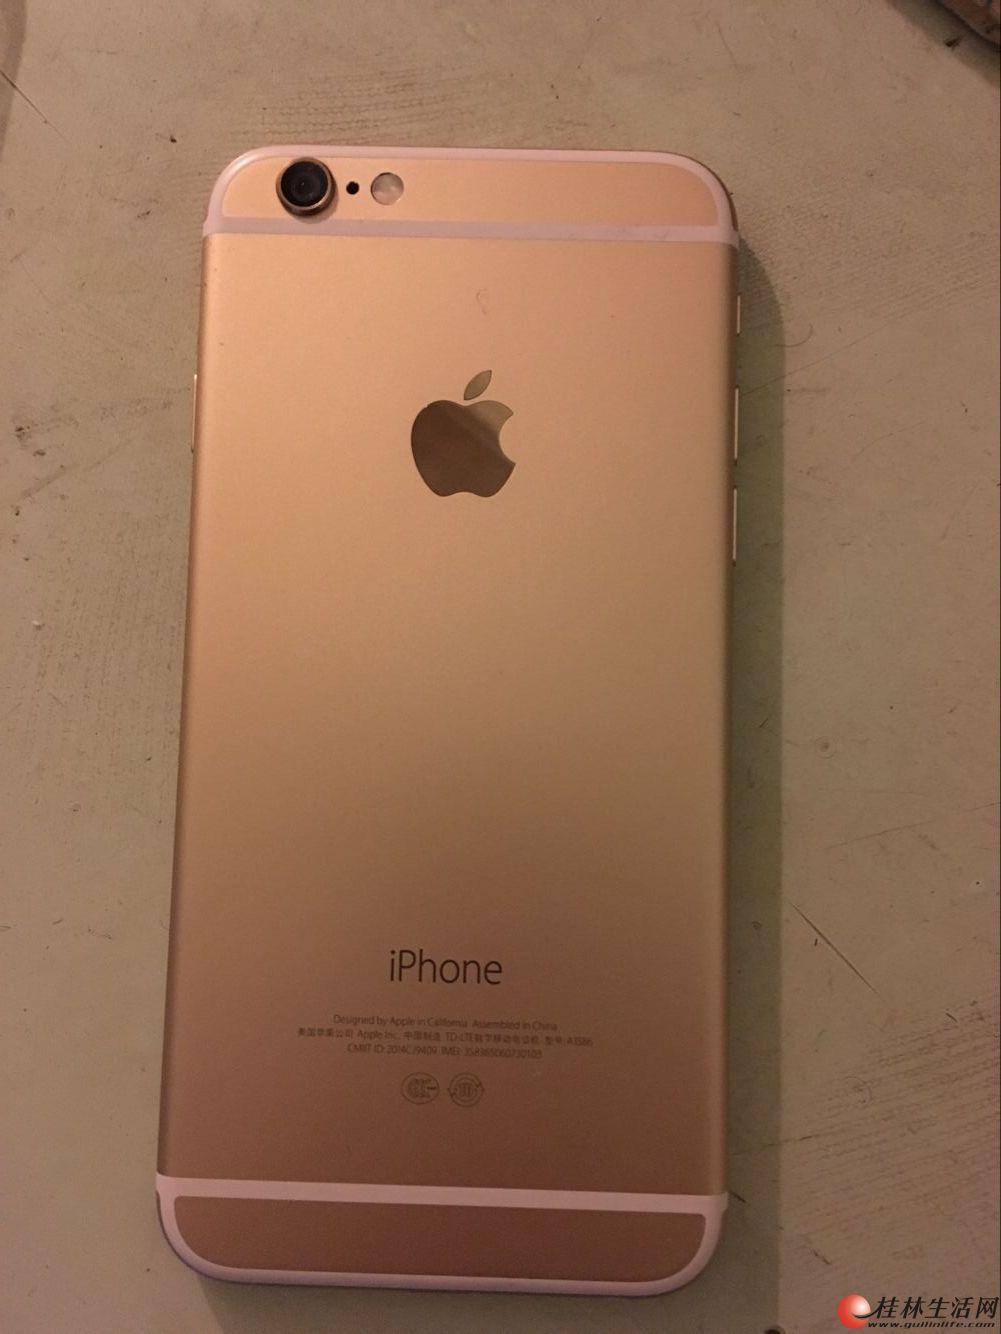 iphone 6出售